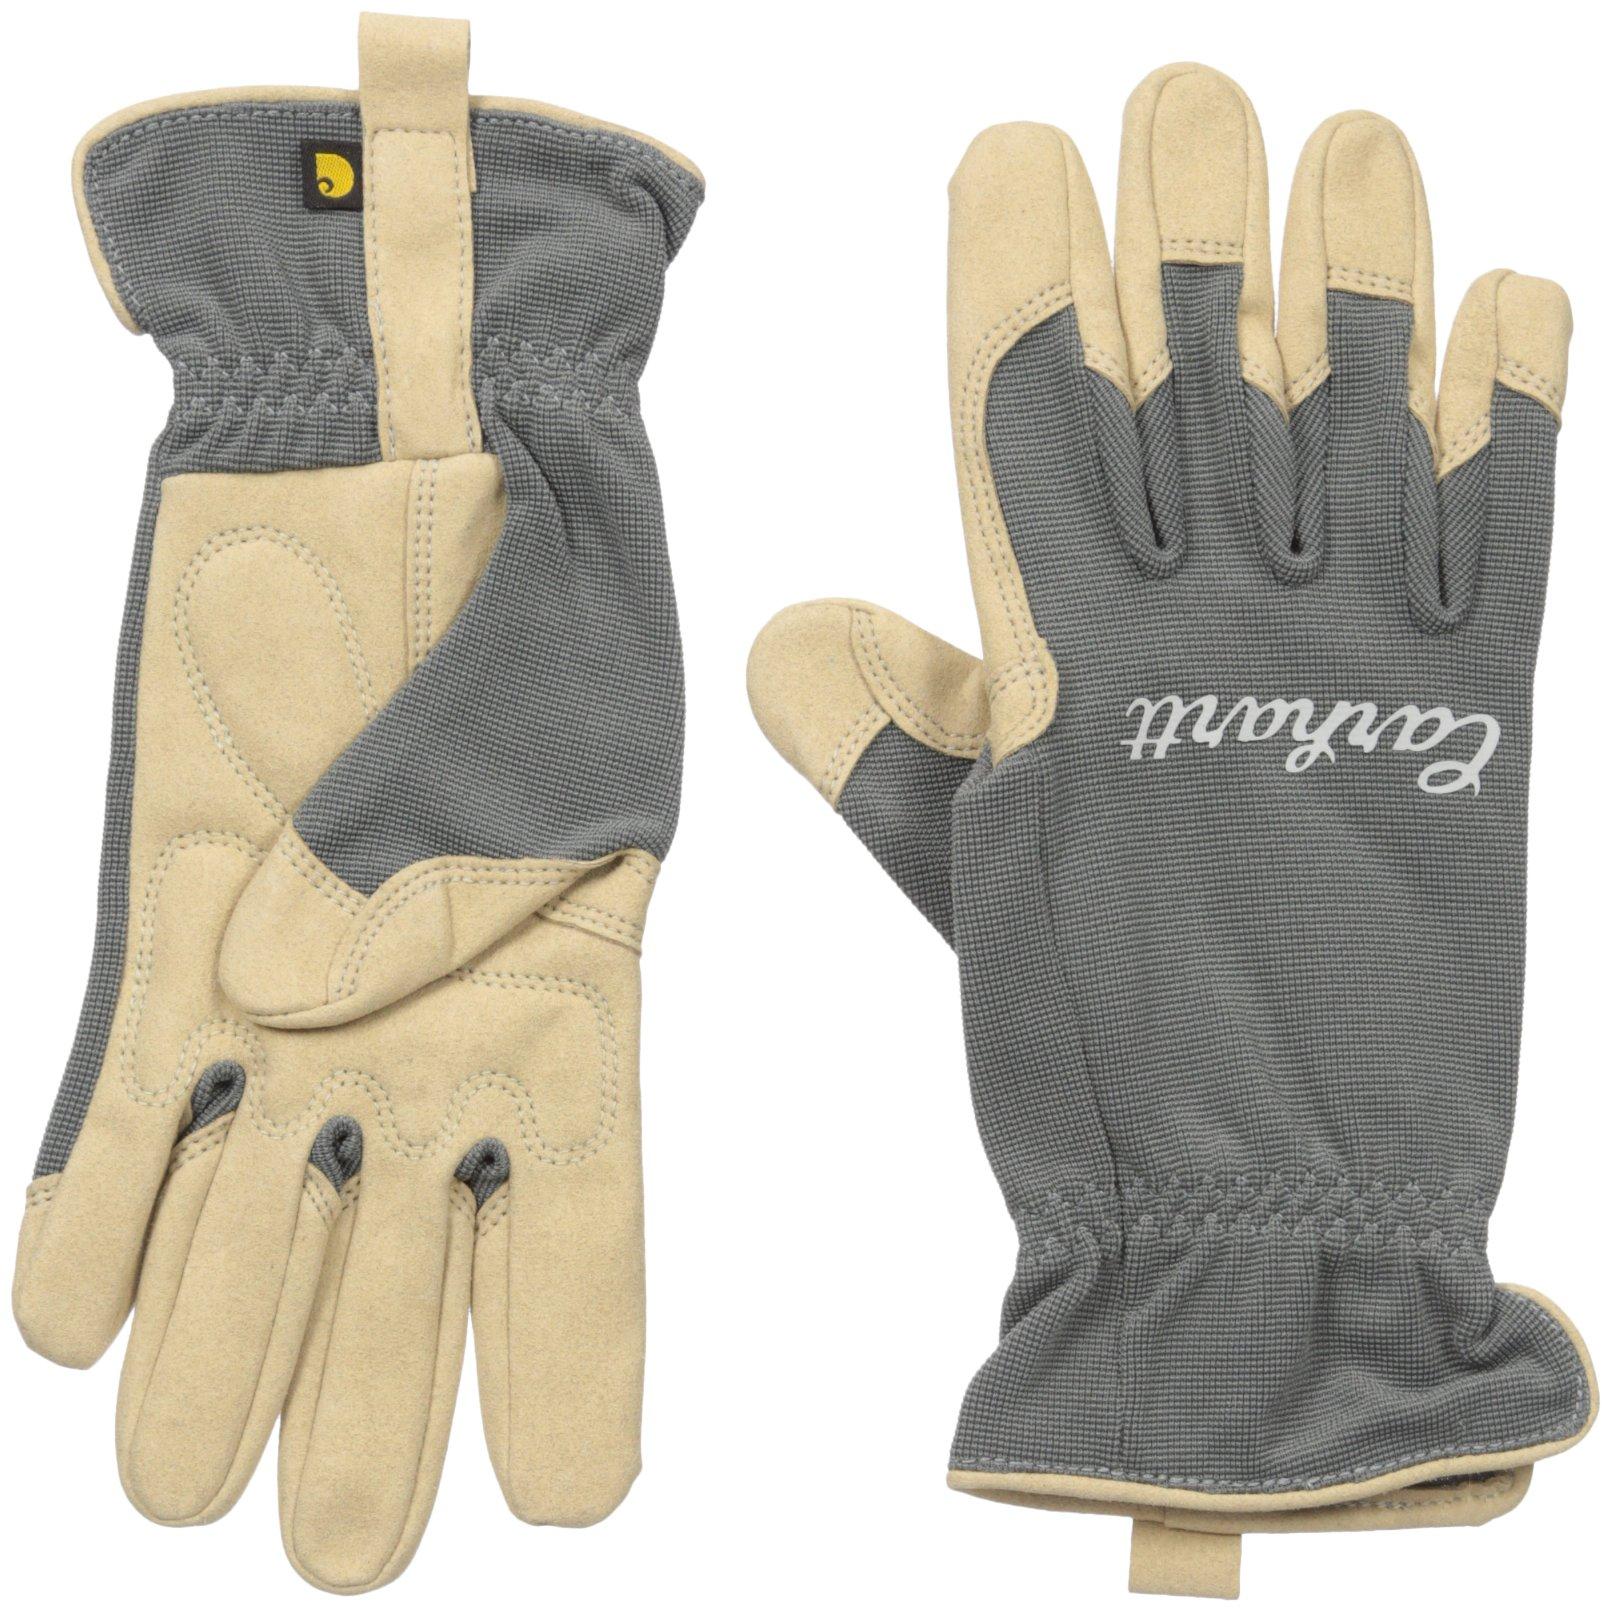 Carhartt Women's Perennial High Dexterity Glove, Grey, Large by Carhartt